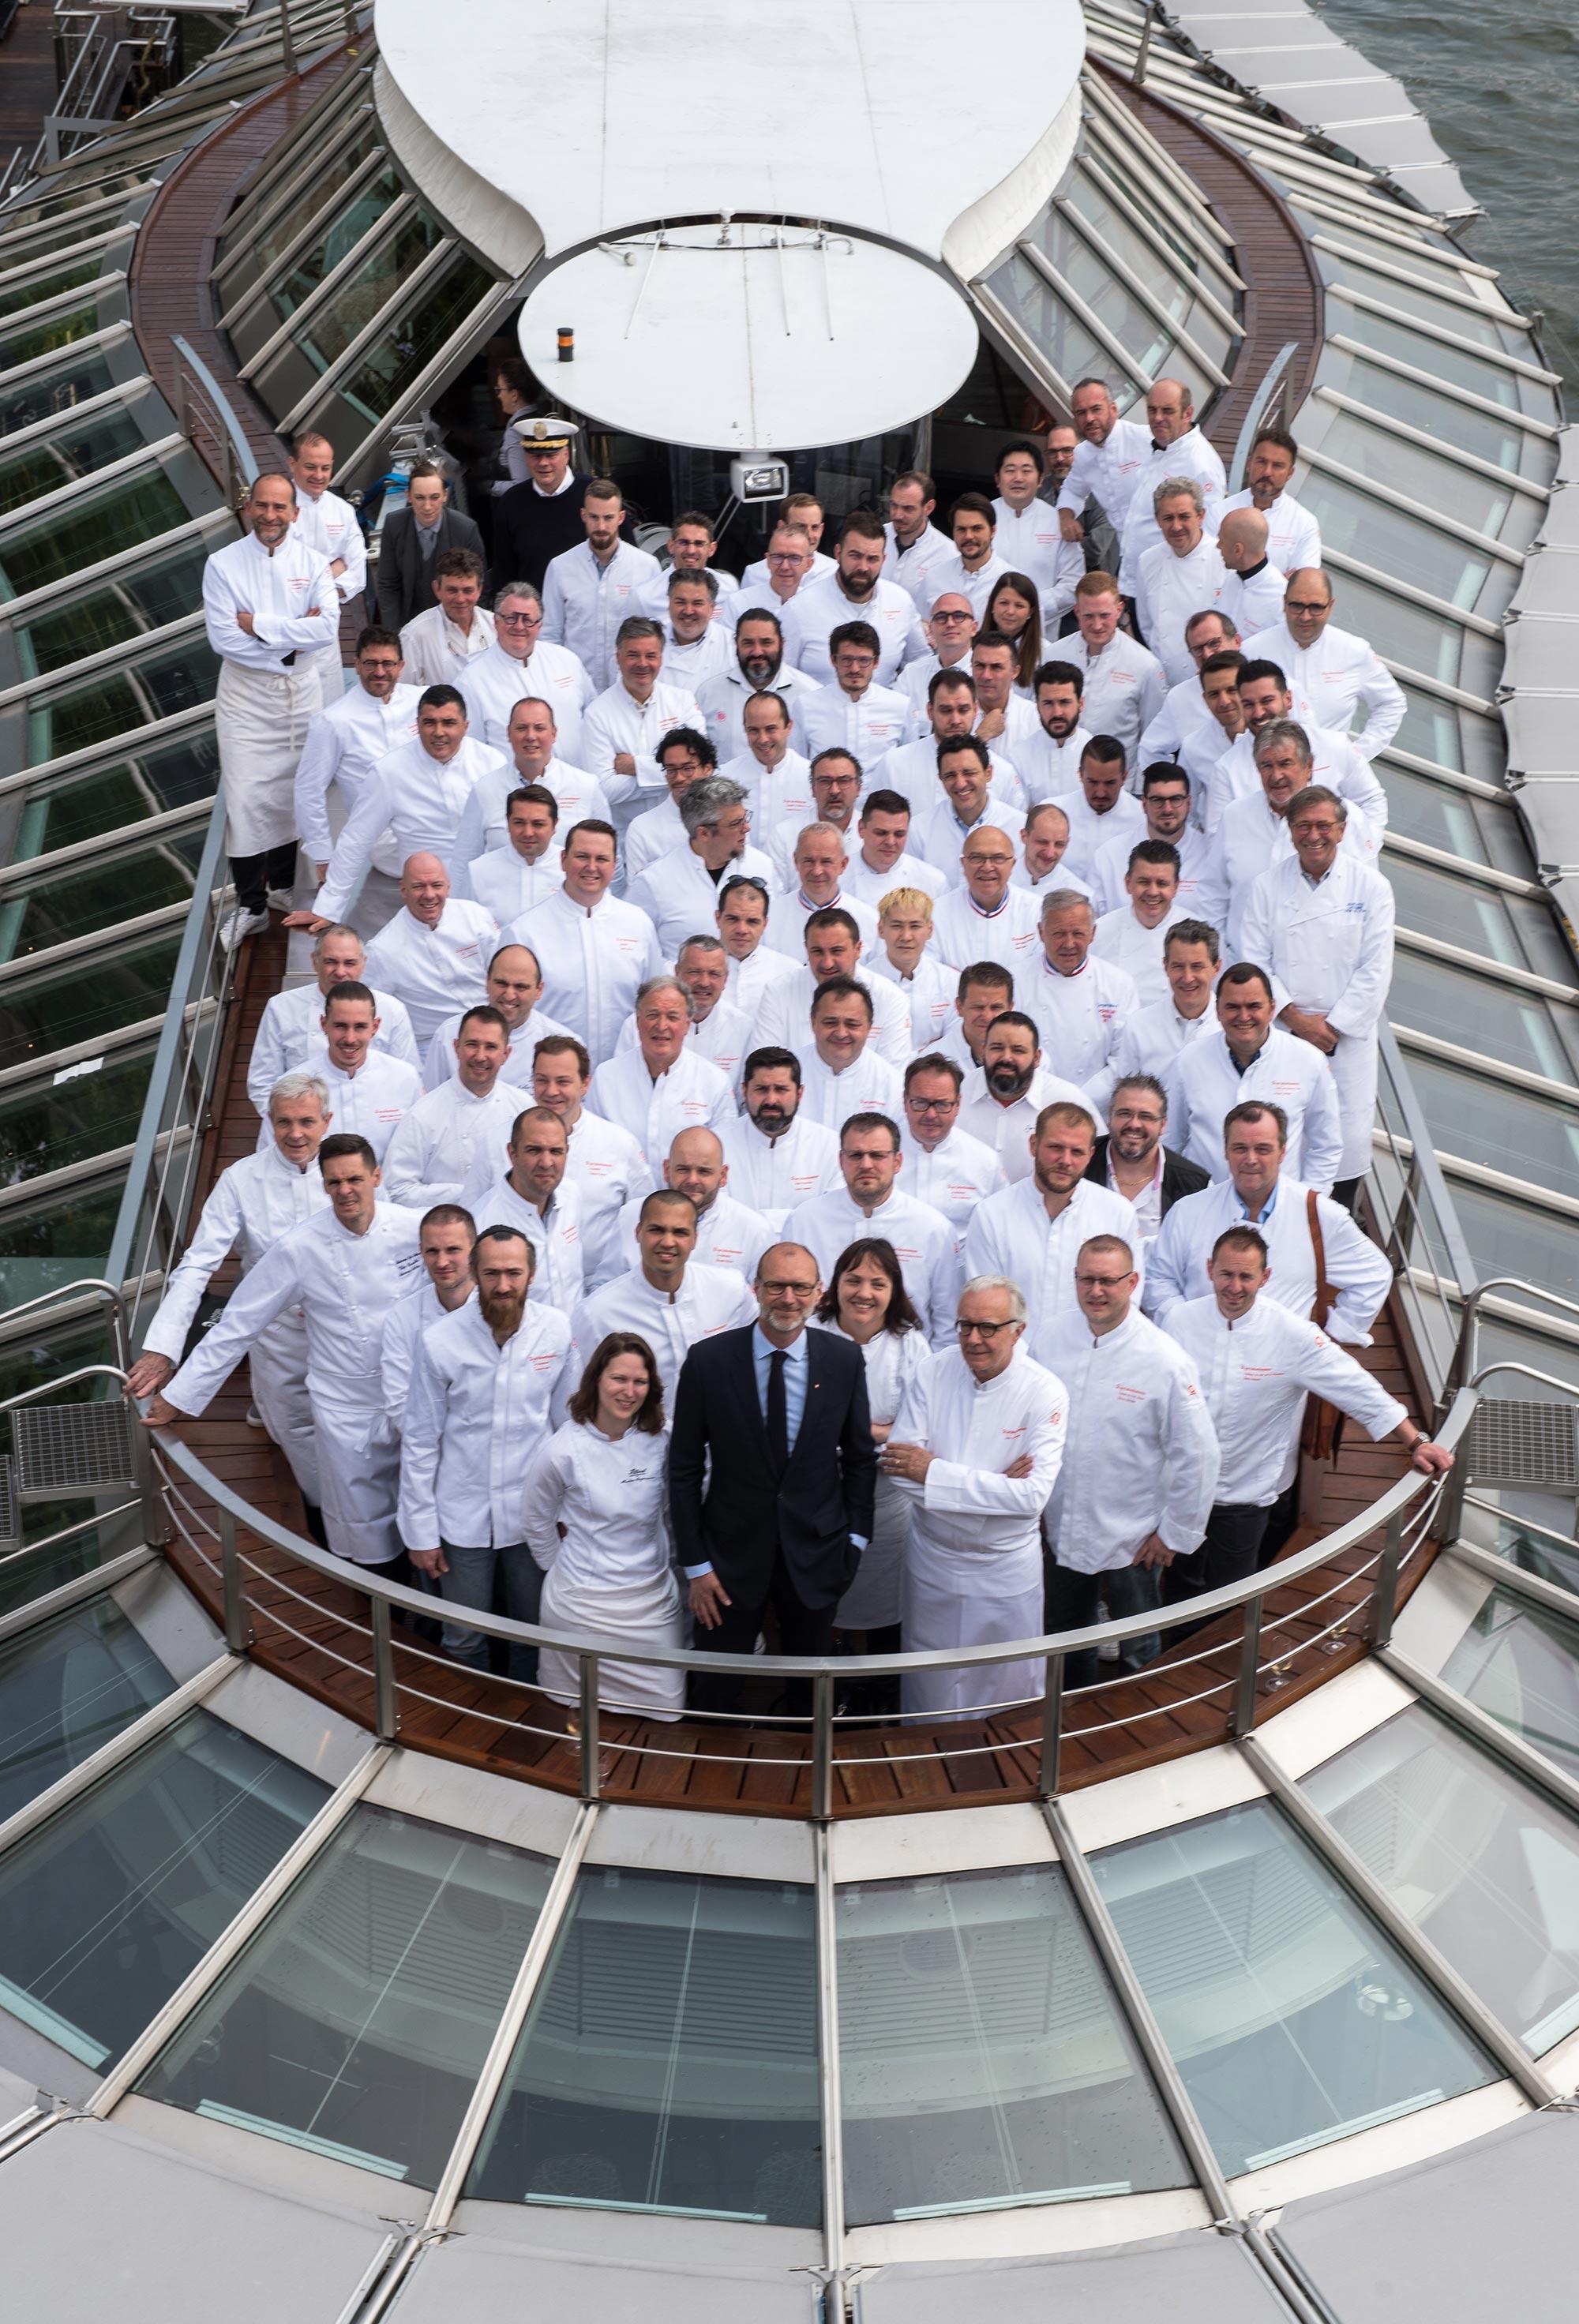 Photo collégiale de plusieurs chefs en veste de cuisinier blanche, réunis sur une péniche